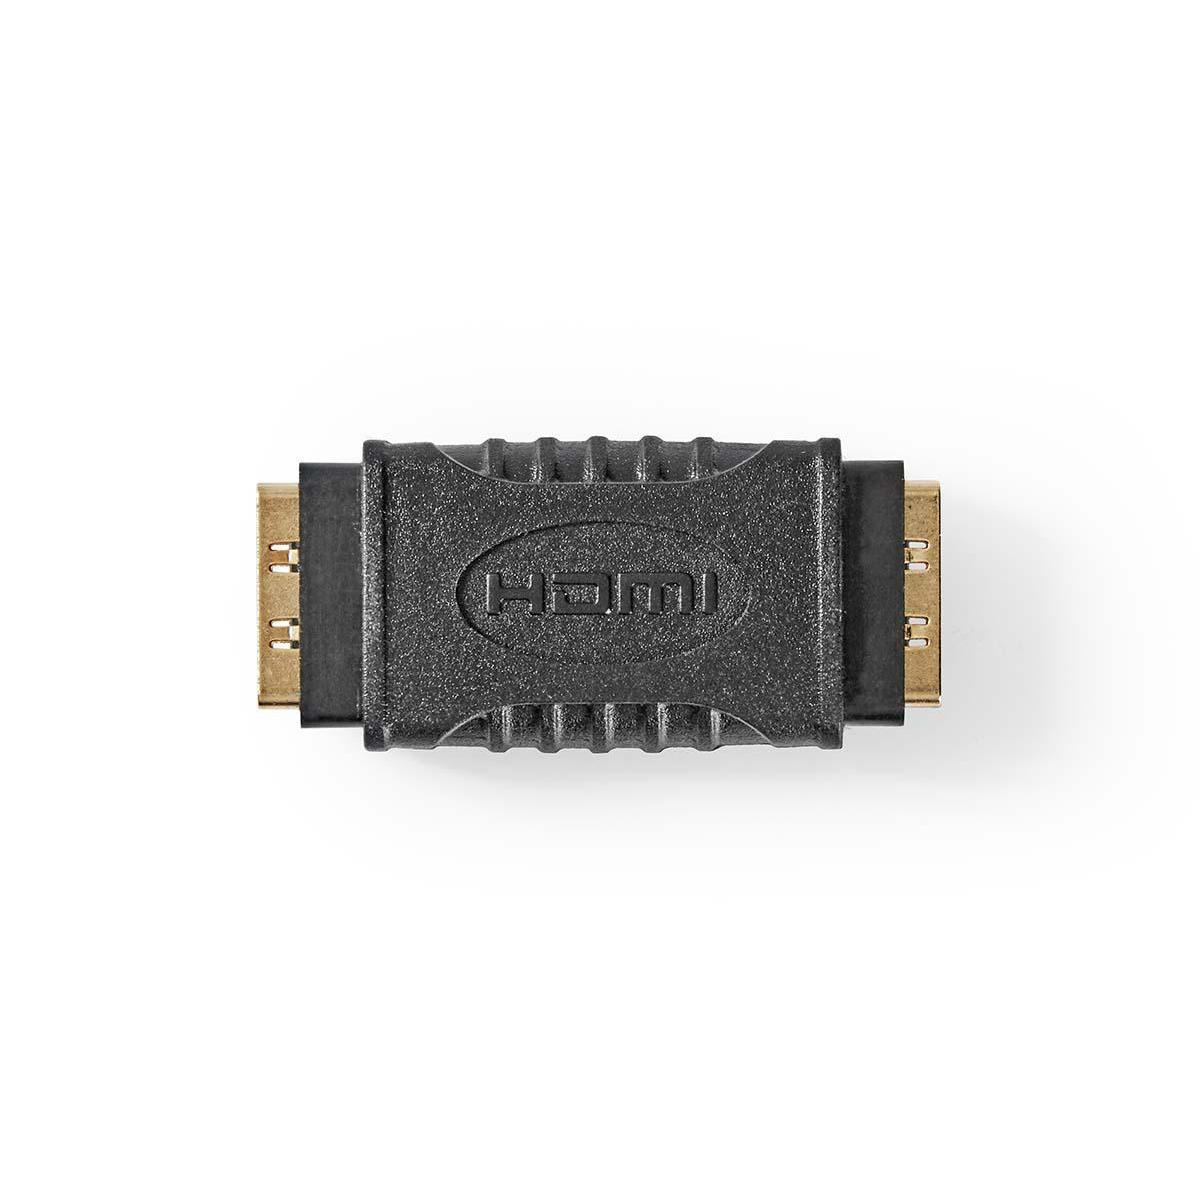 HDMI™-Adapter   HDMI™ Female HDMI™ Female   Zwart